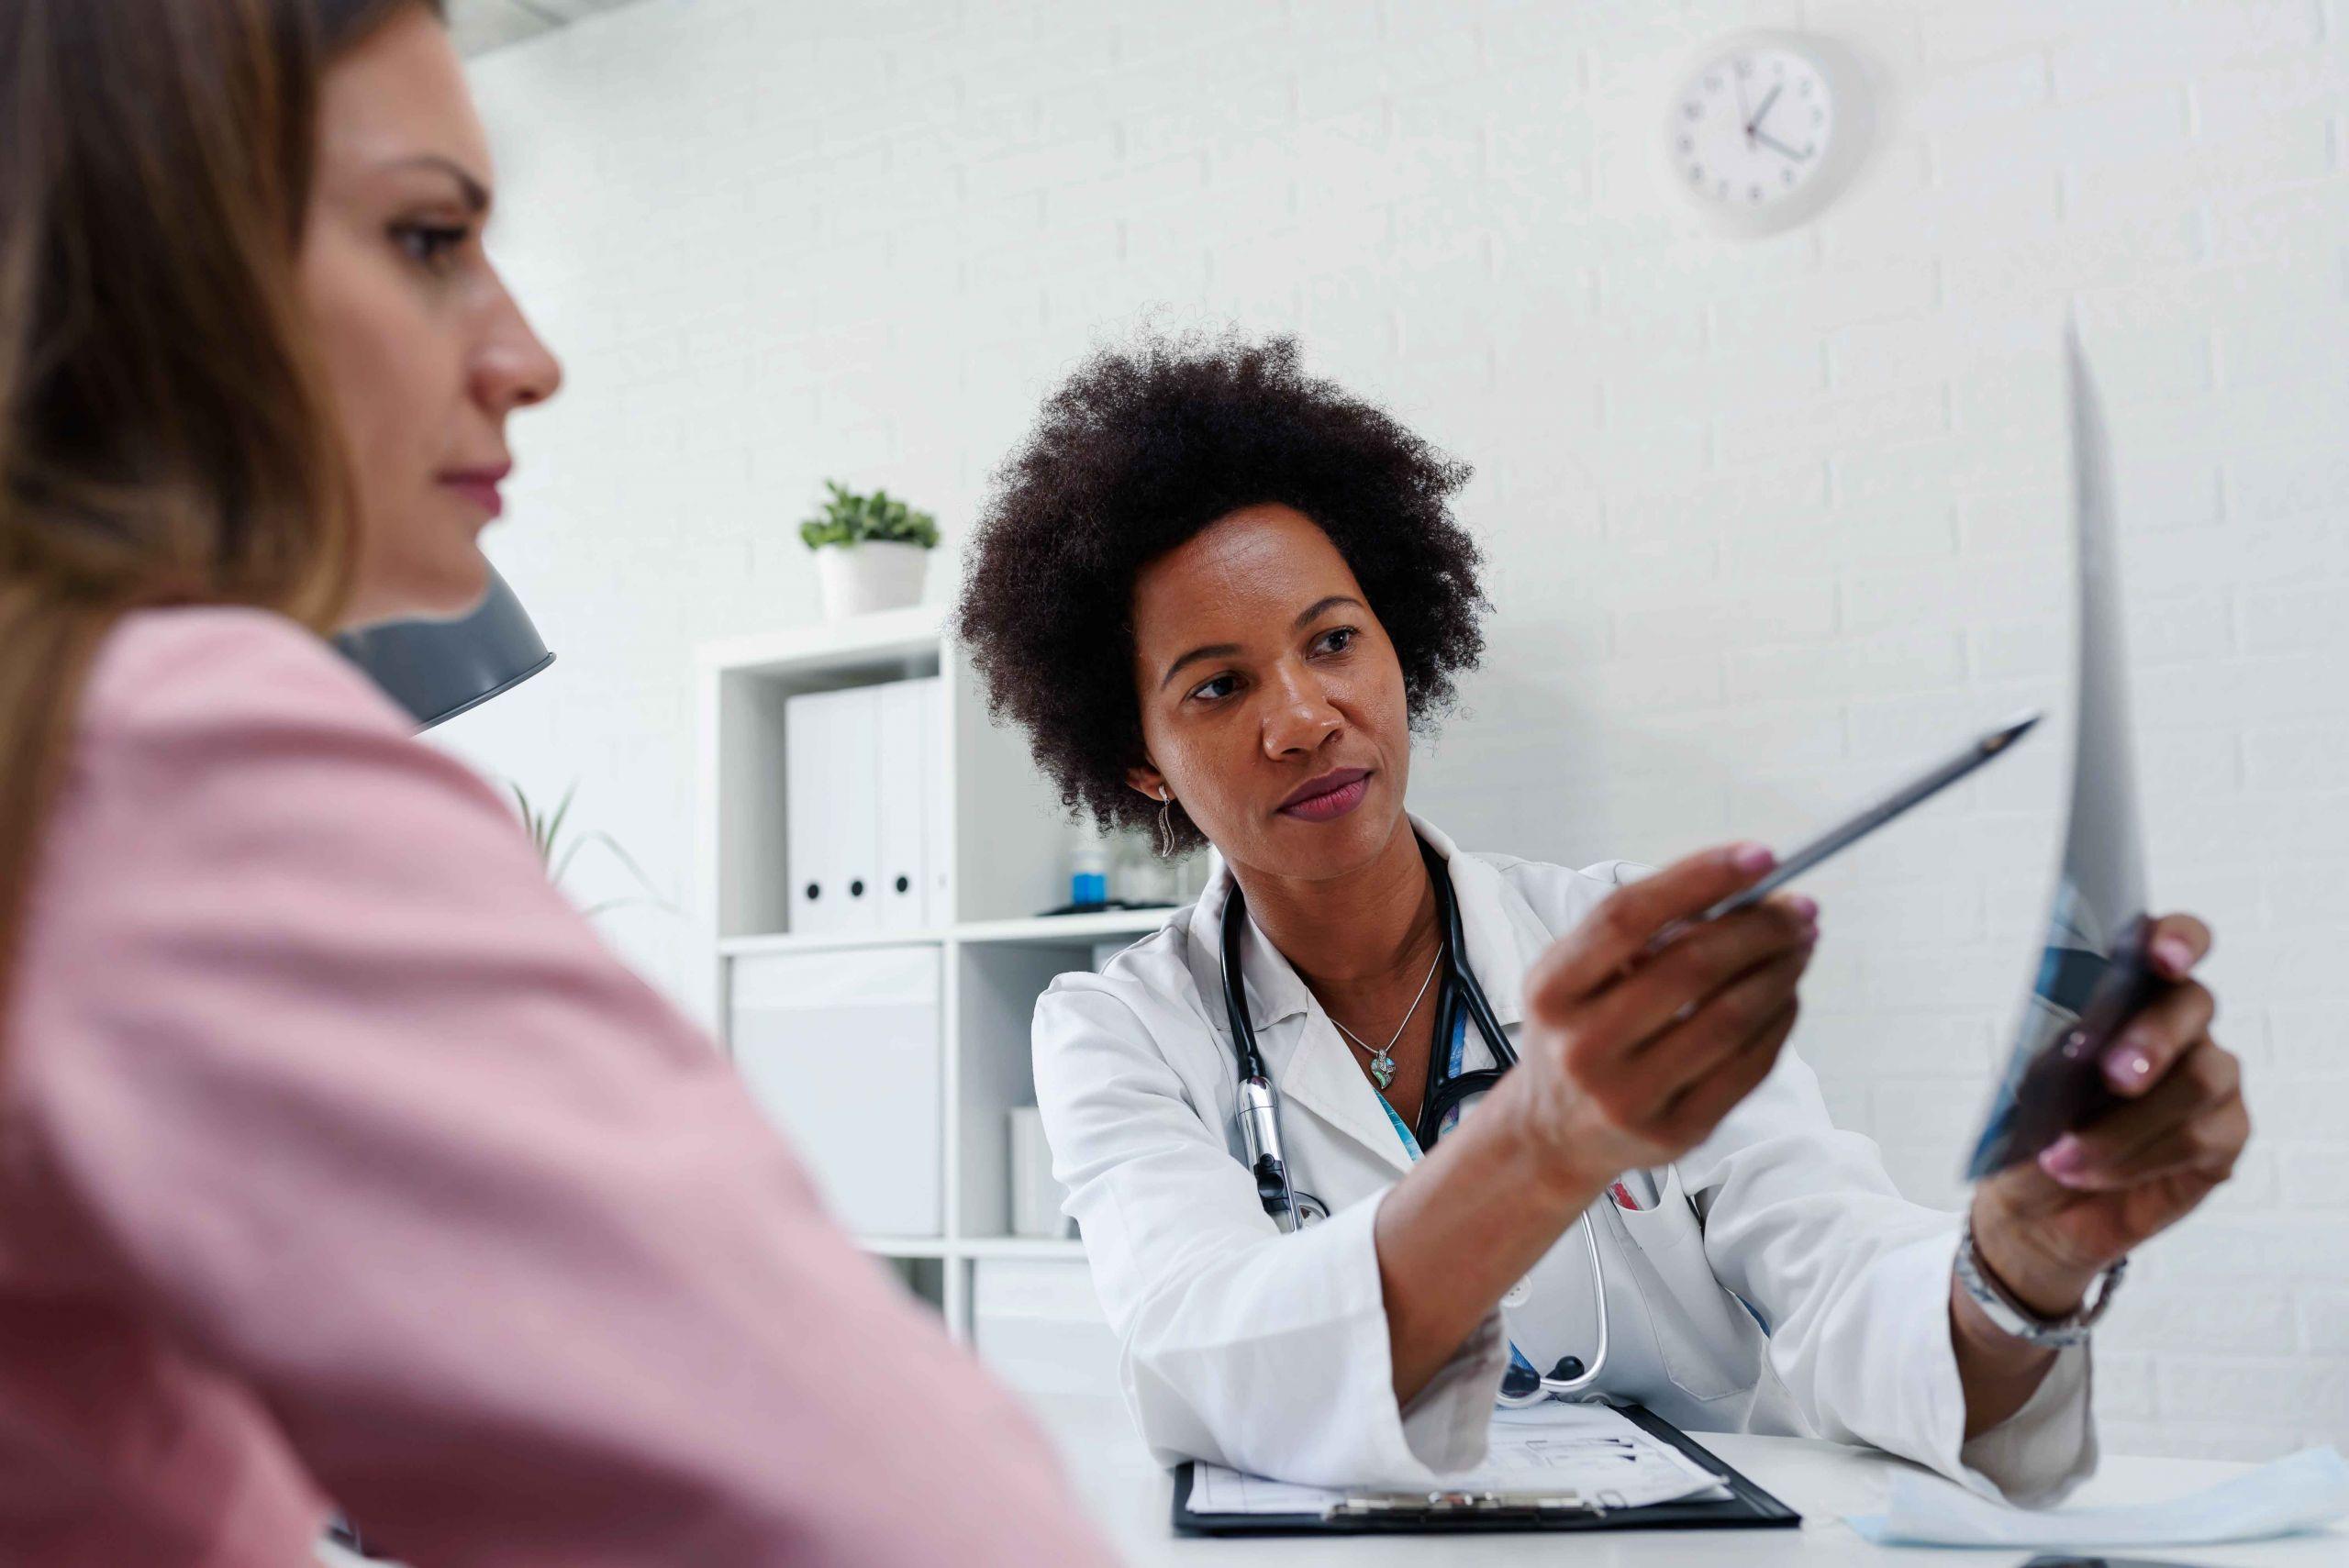 Zu sehen sind zwei Frauen, die sich am Tisch gegenüber sitzen. Die eine Frau ist Ärztin und zeigt der anderen Frau, die Patientin ist, was auf dem Röntgenbild in ihrer Hand zu sehen ist.